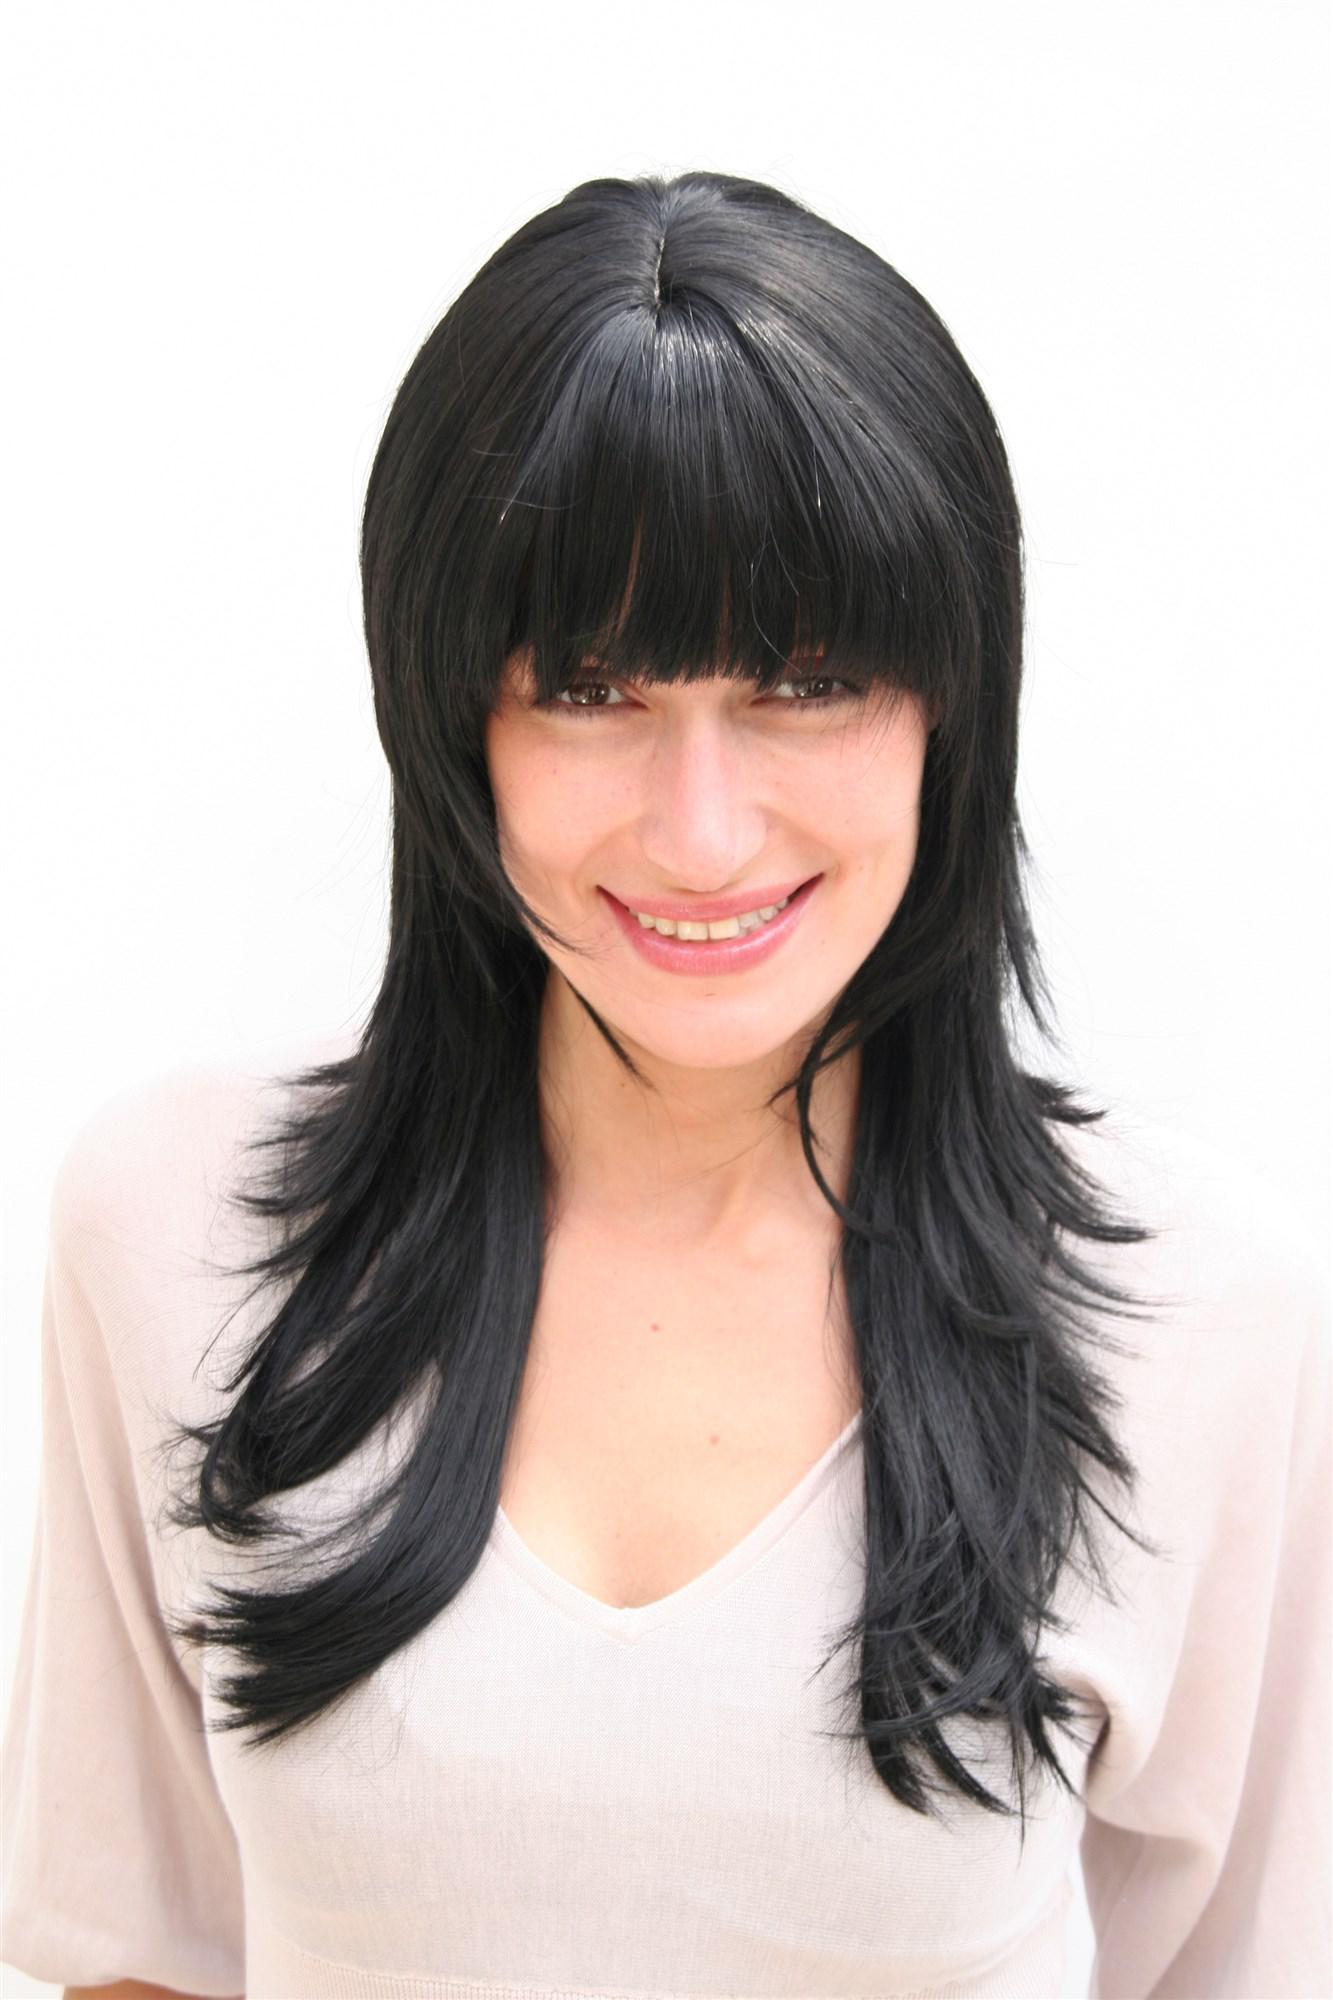 damenperücke, wig, schwarz, lang, gestuftes haar, haarersatz, ca.55